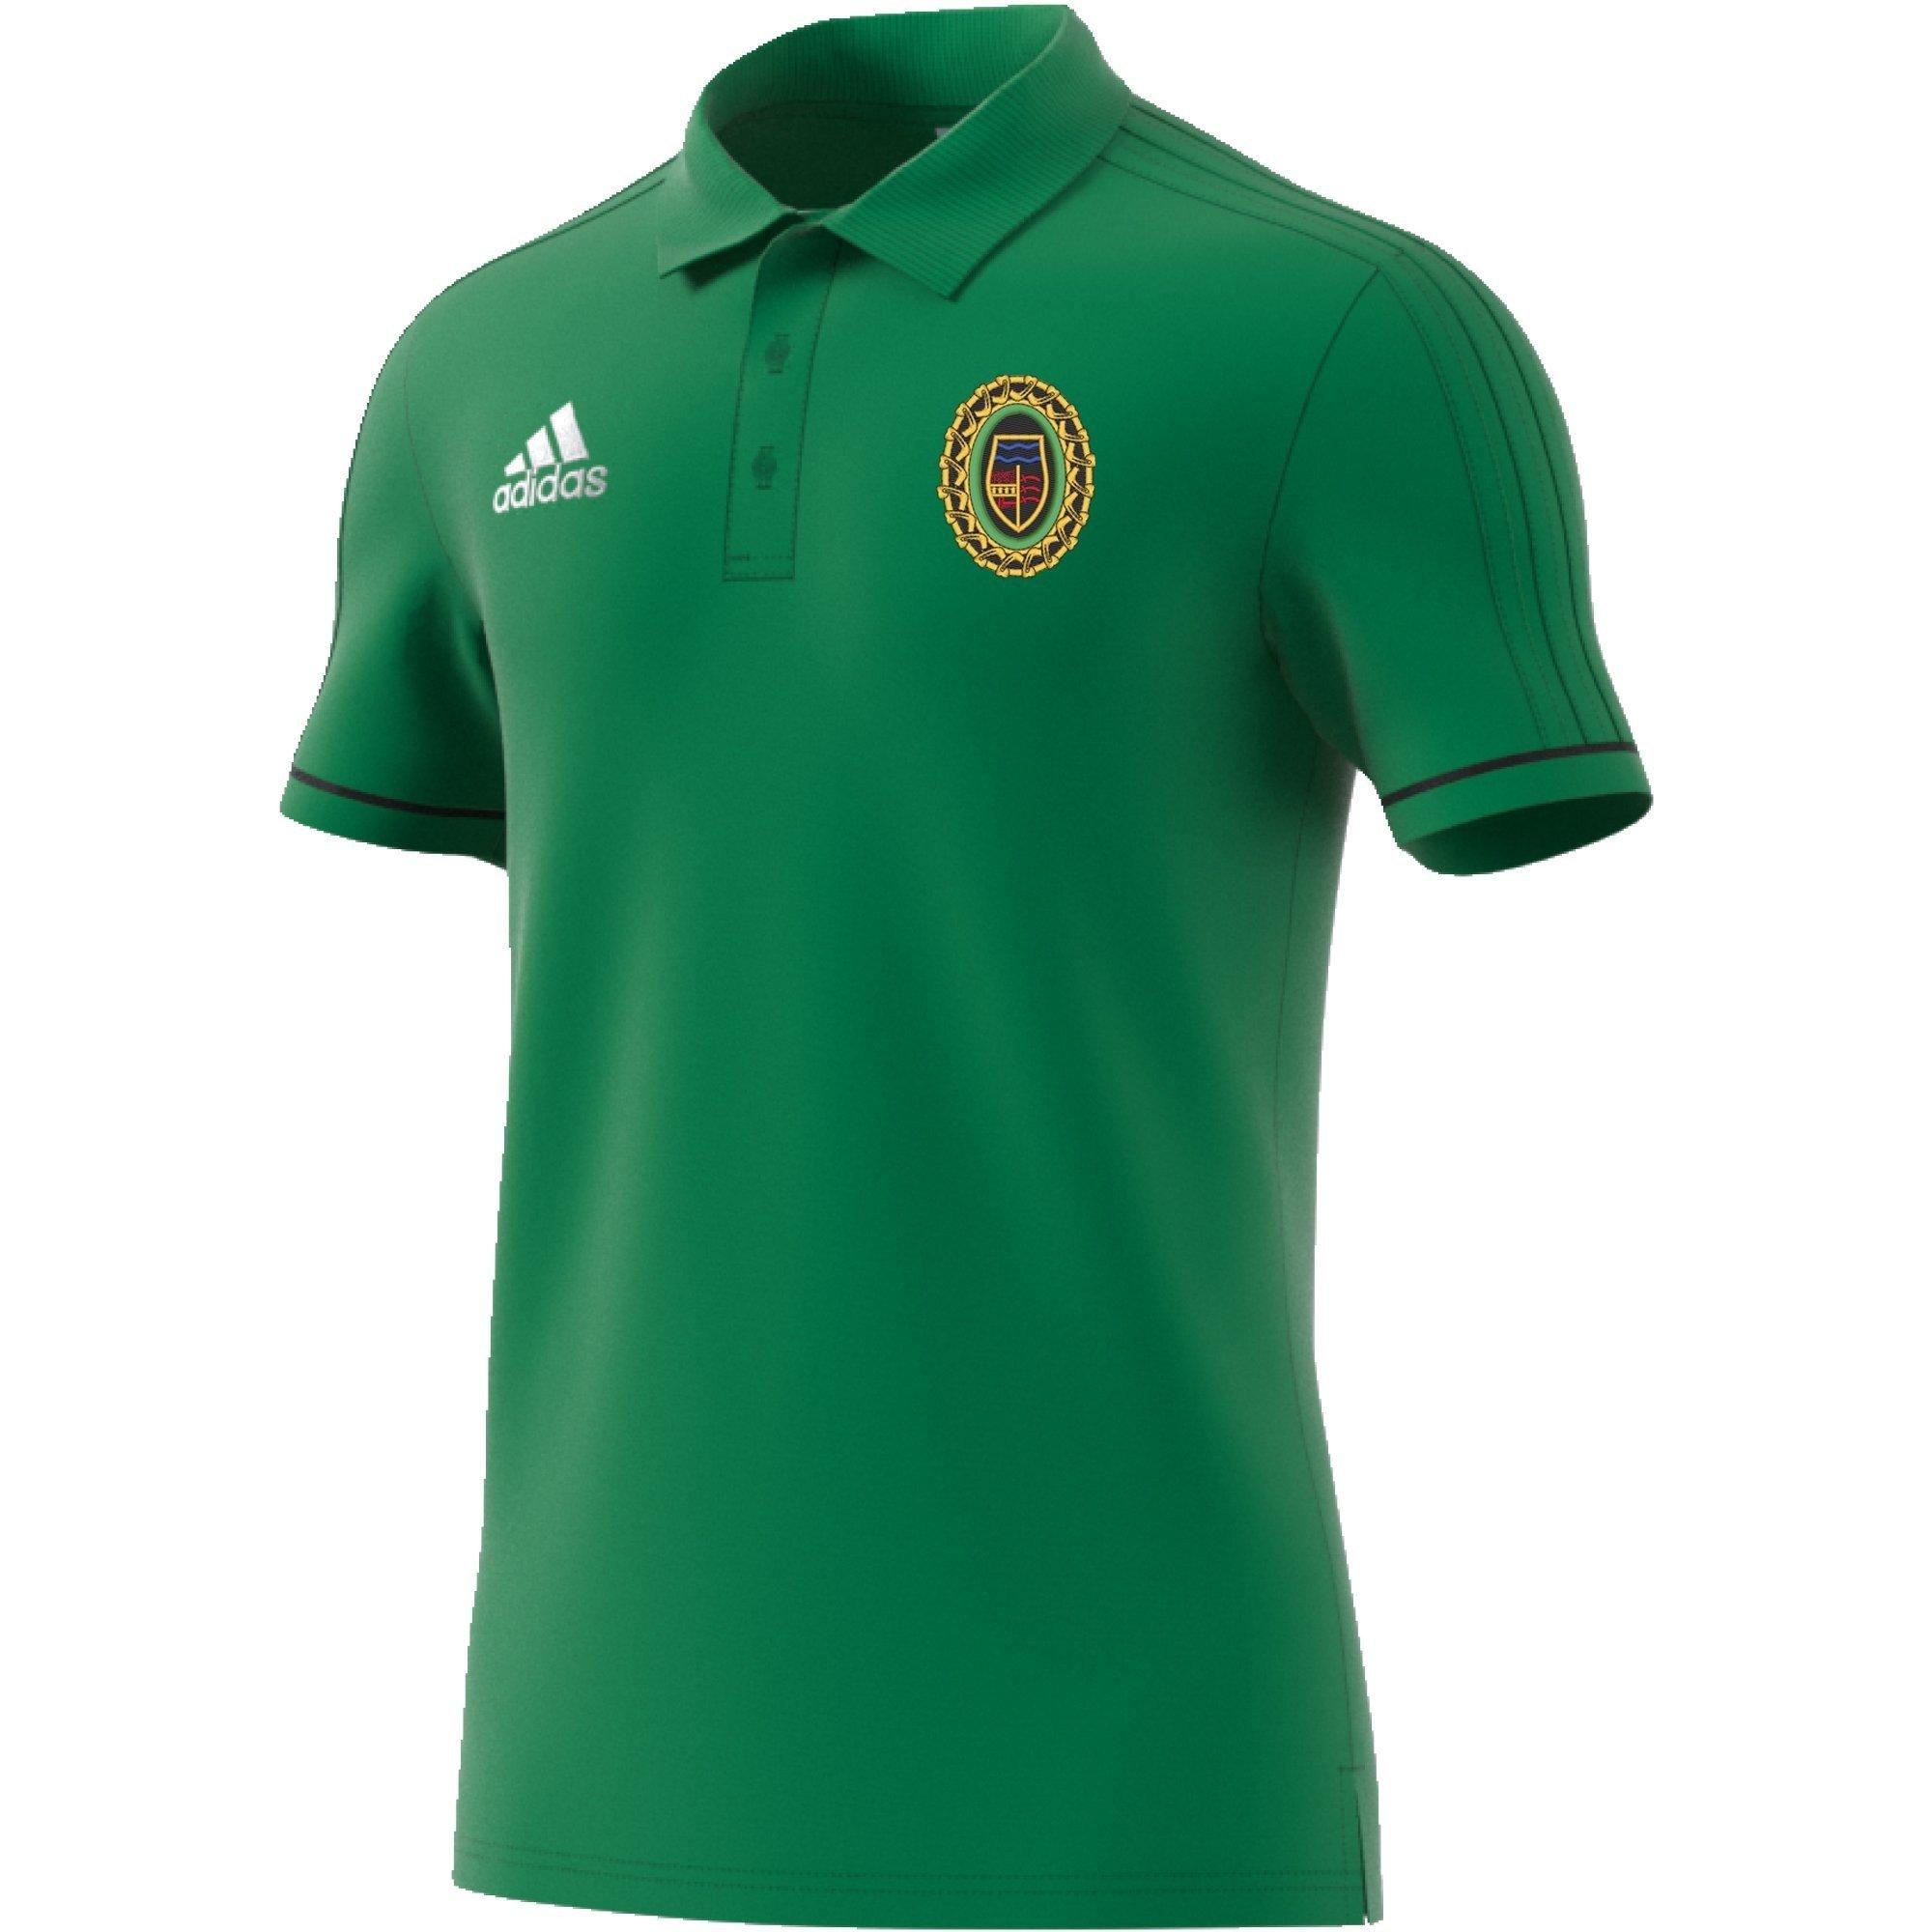 Springfield CC Adidas Green Polo